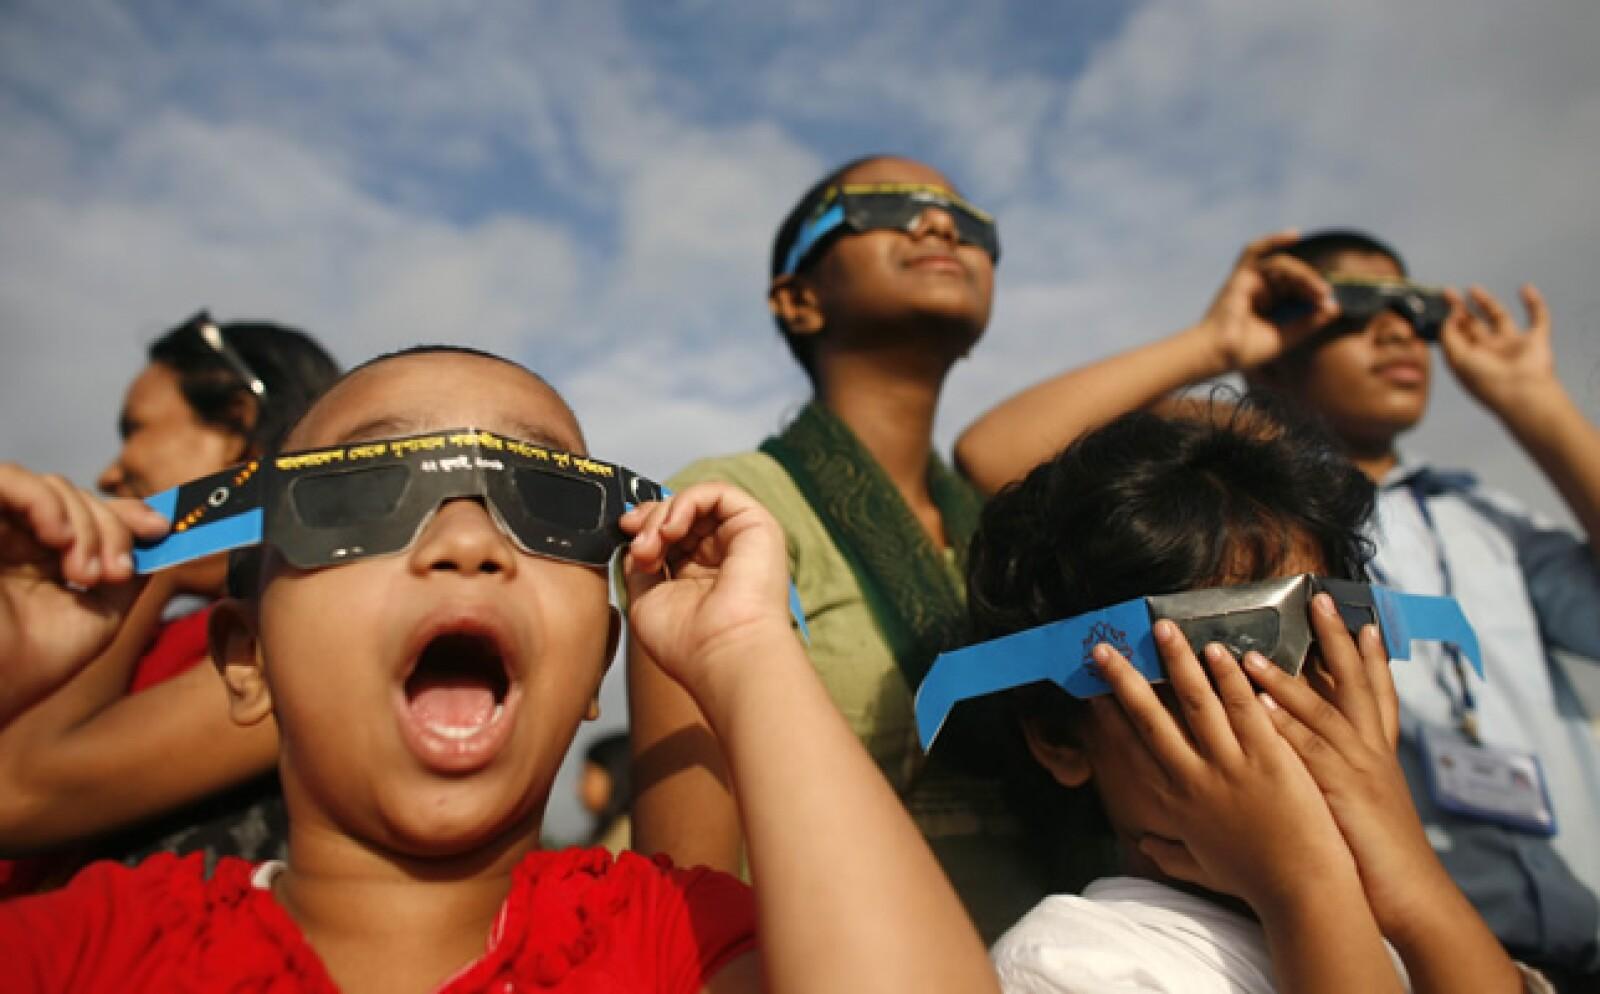 Los niños disfrutaron del evento sin precedentes.